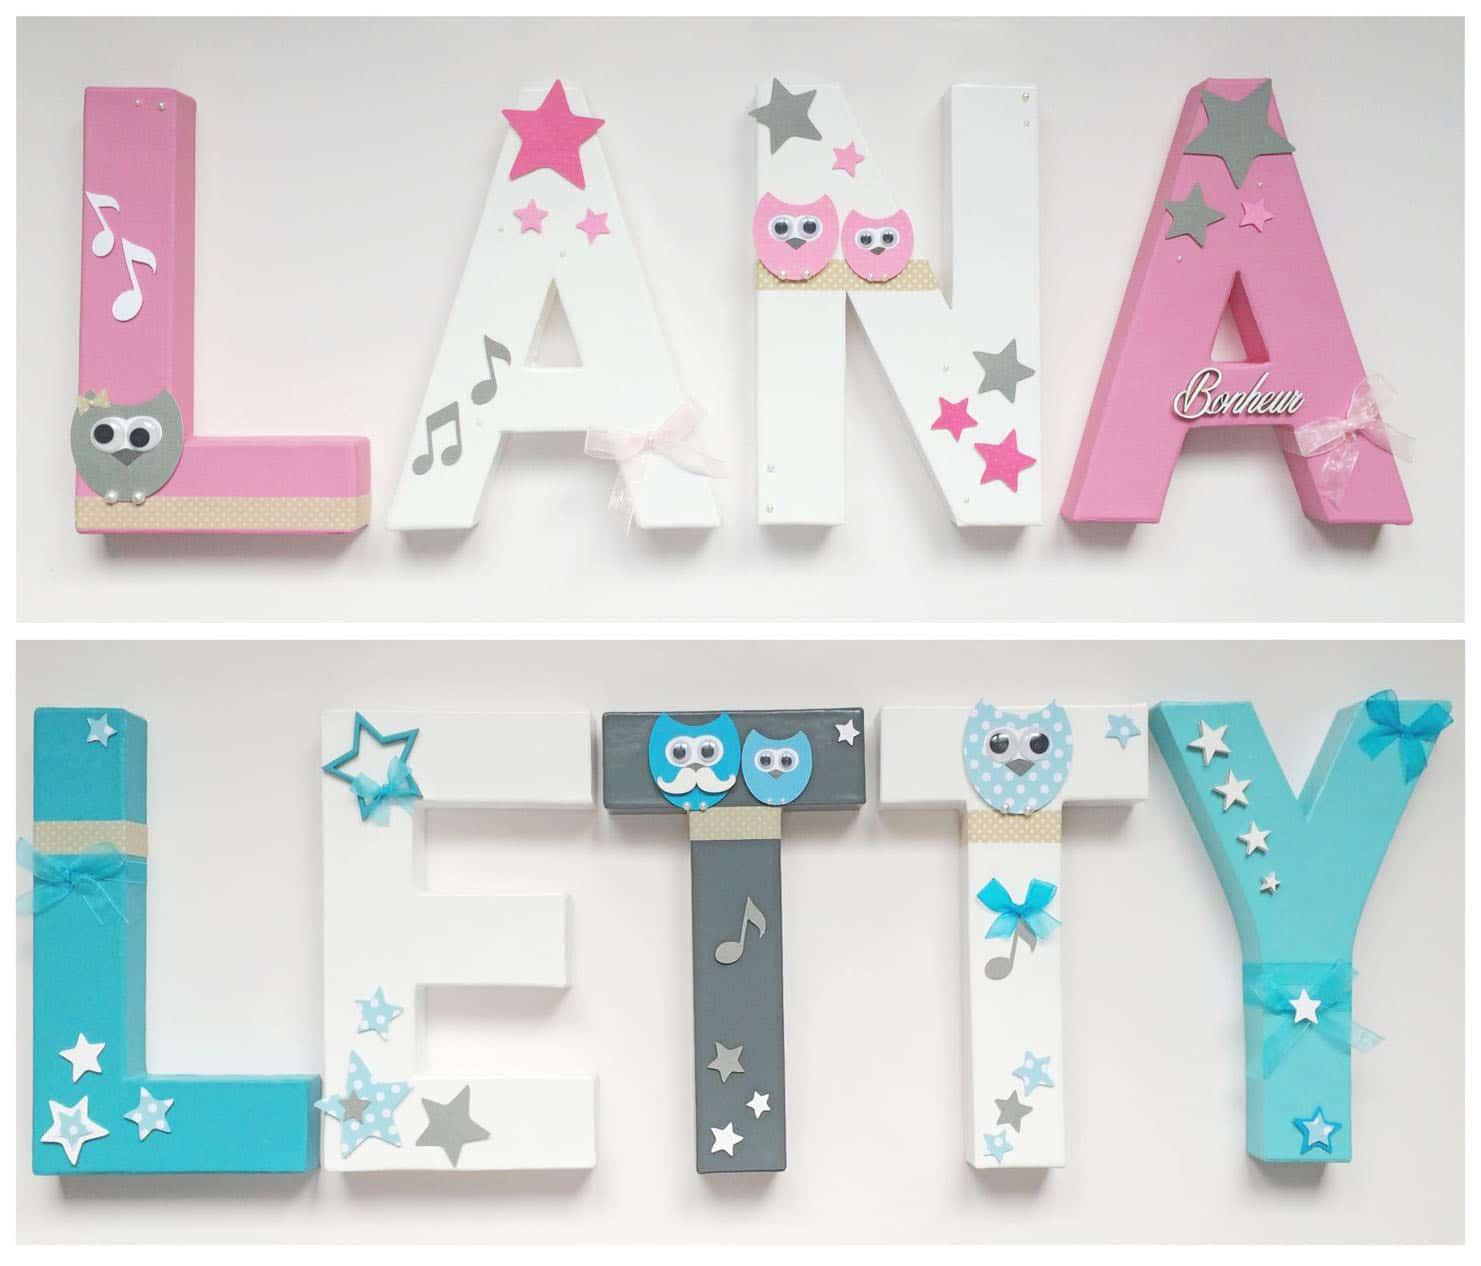 partenariat de décoration lettres personnalisées